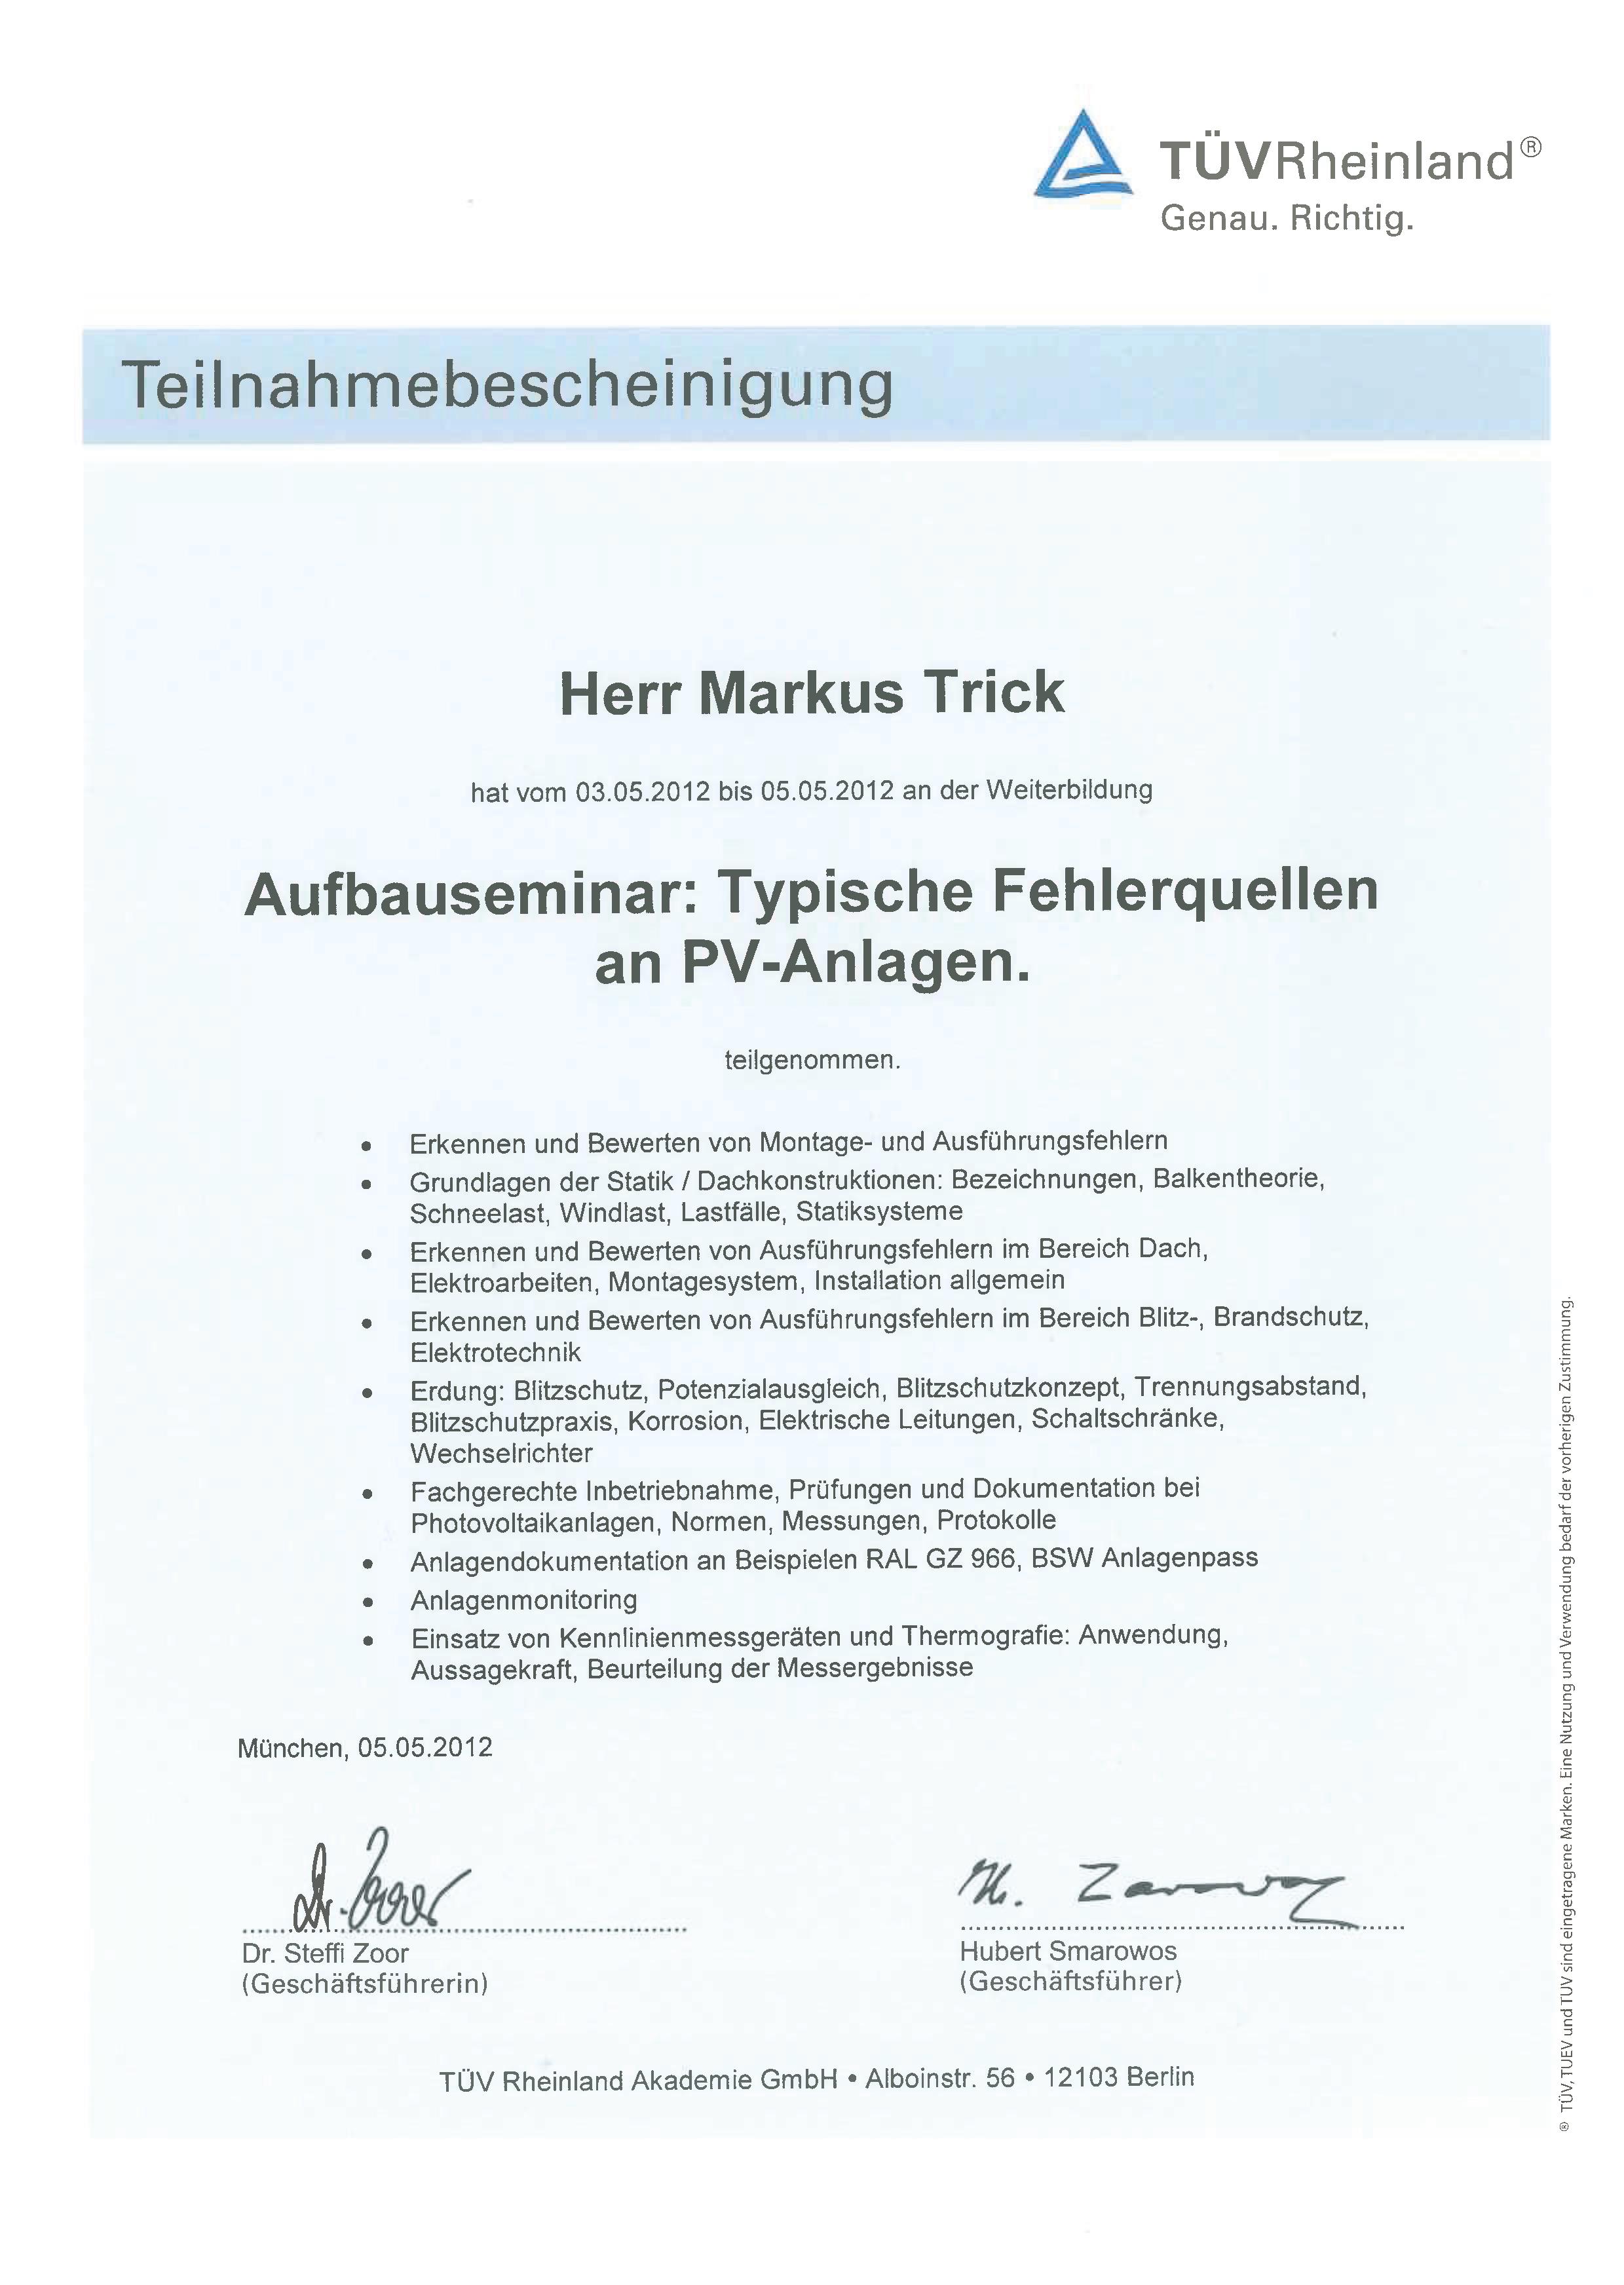 Teilnahmebescheinigung TÜV - Typische Fehlerquellen an PV-Anlagen - Markus Trick